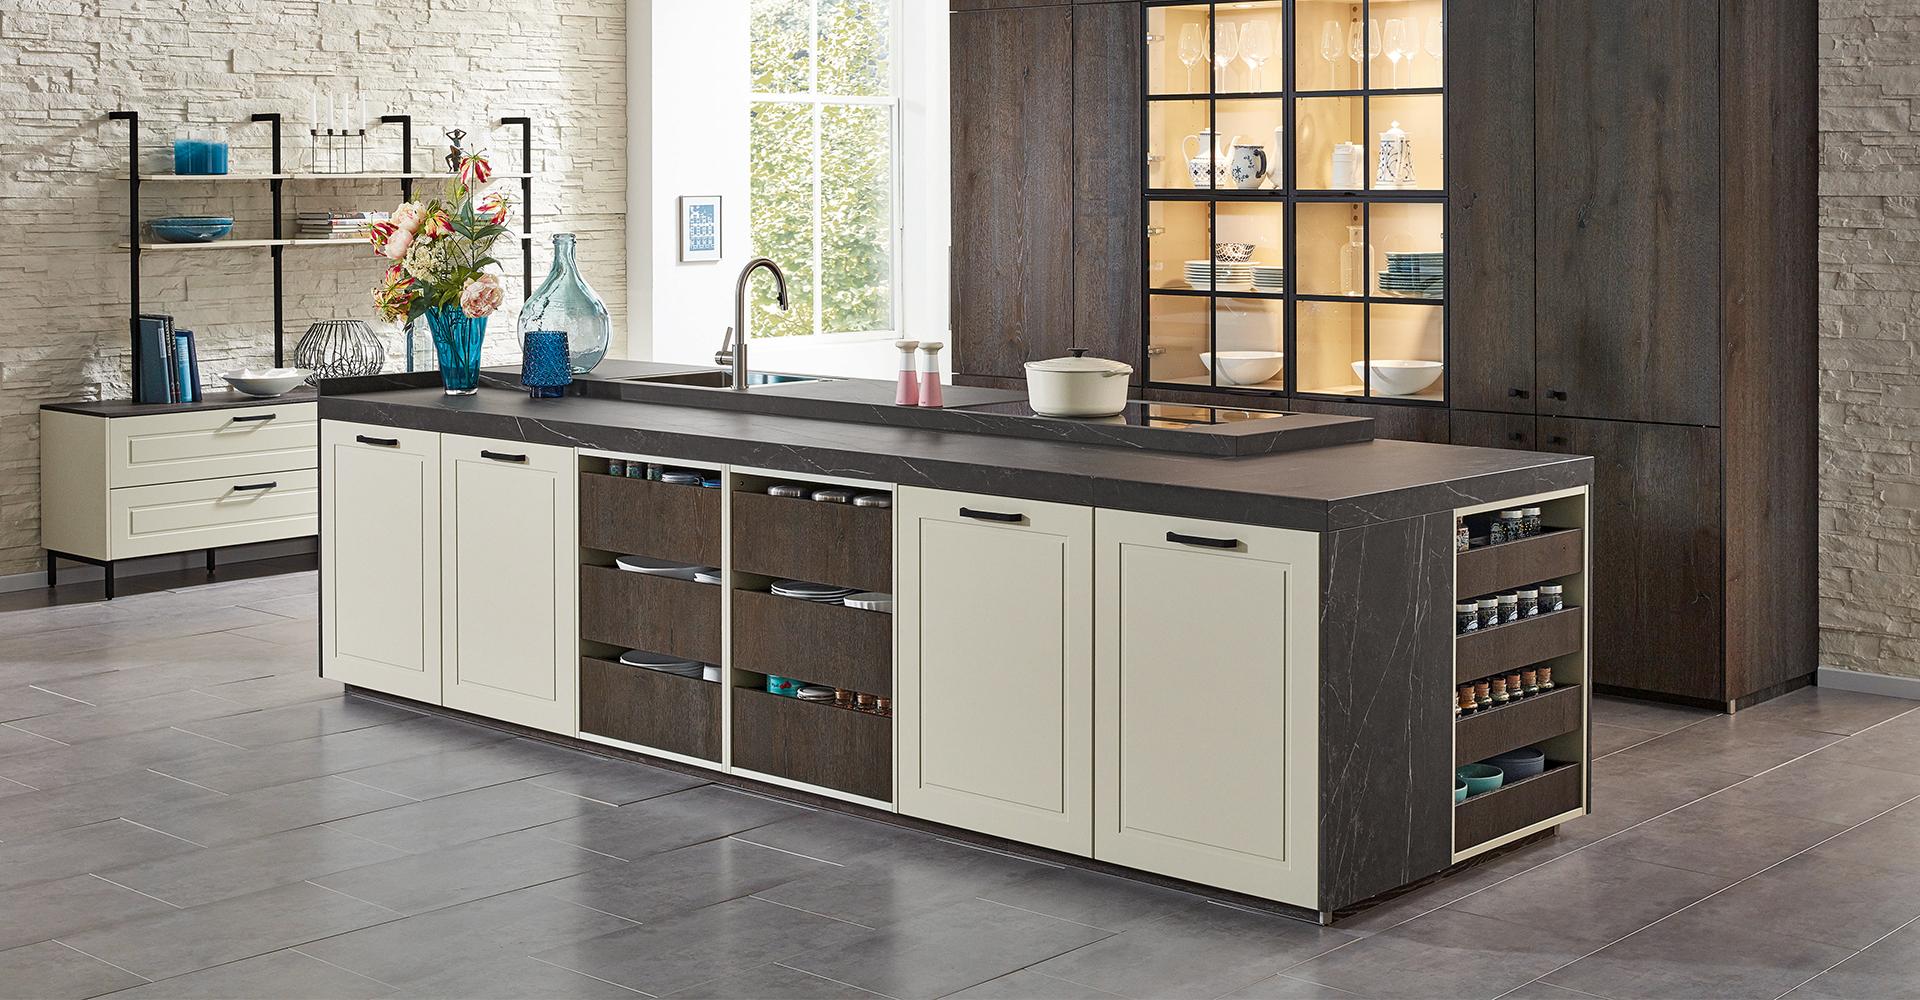 Full Size of Kchenarbeitsplatte Pietra Grey Von Sapienstone Fr Ballerina Küchen Regal Wohnzimmer Ballerina Küchen